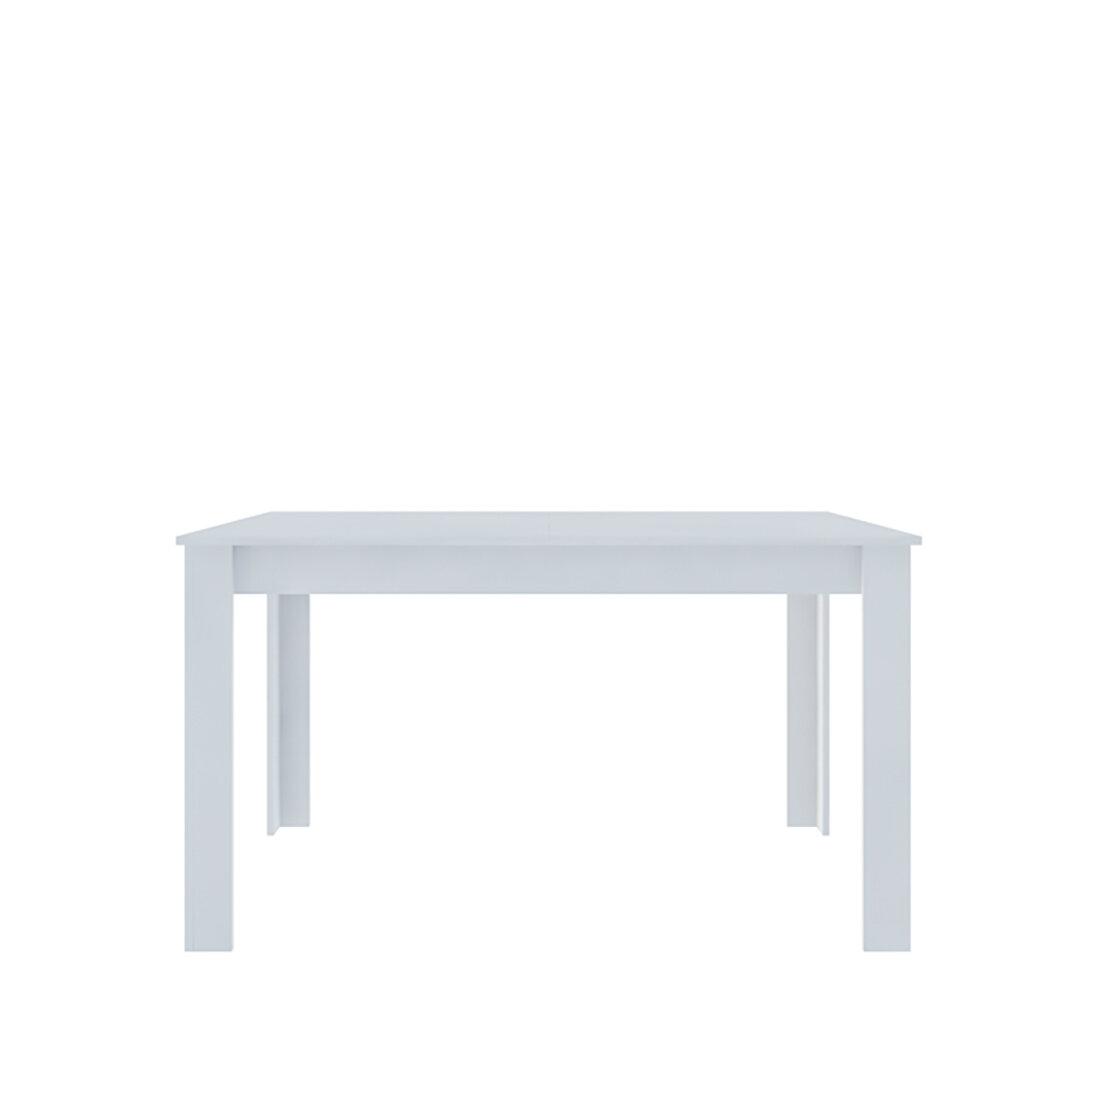 Details About Orren Ellis Crumbley Extendable Dining Table